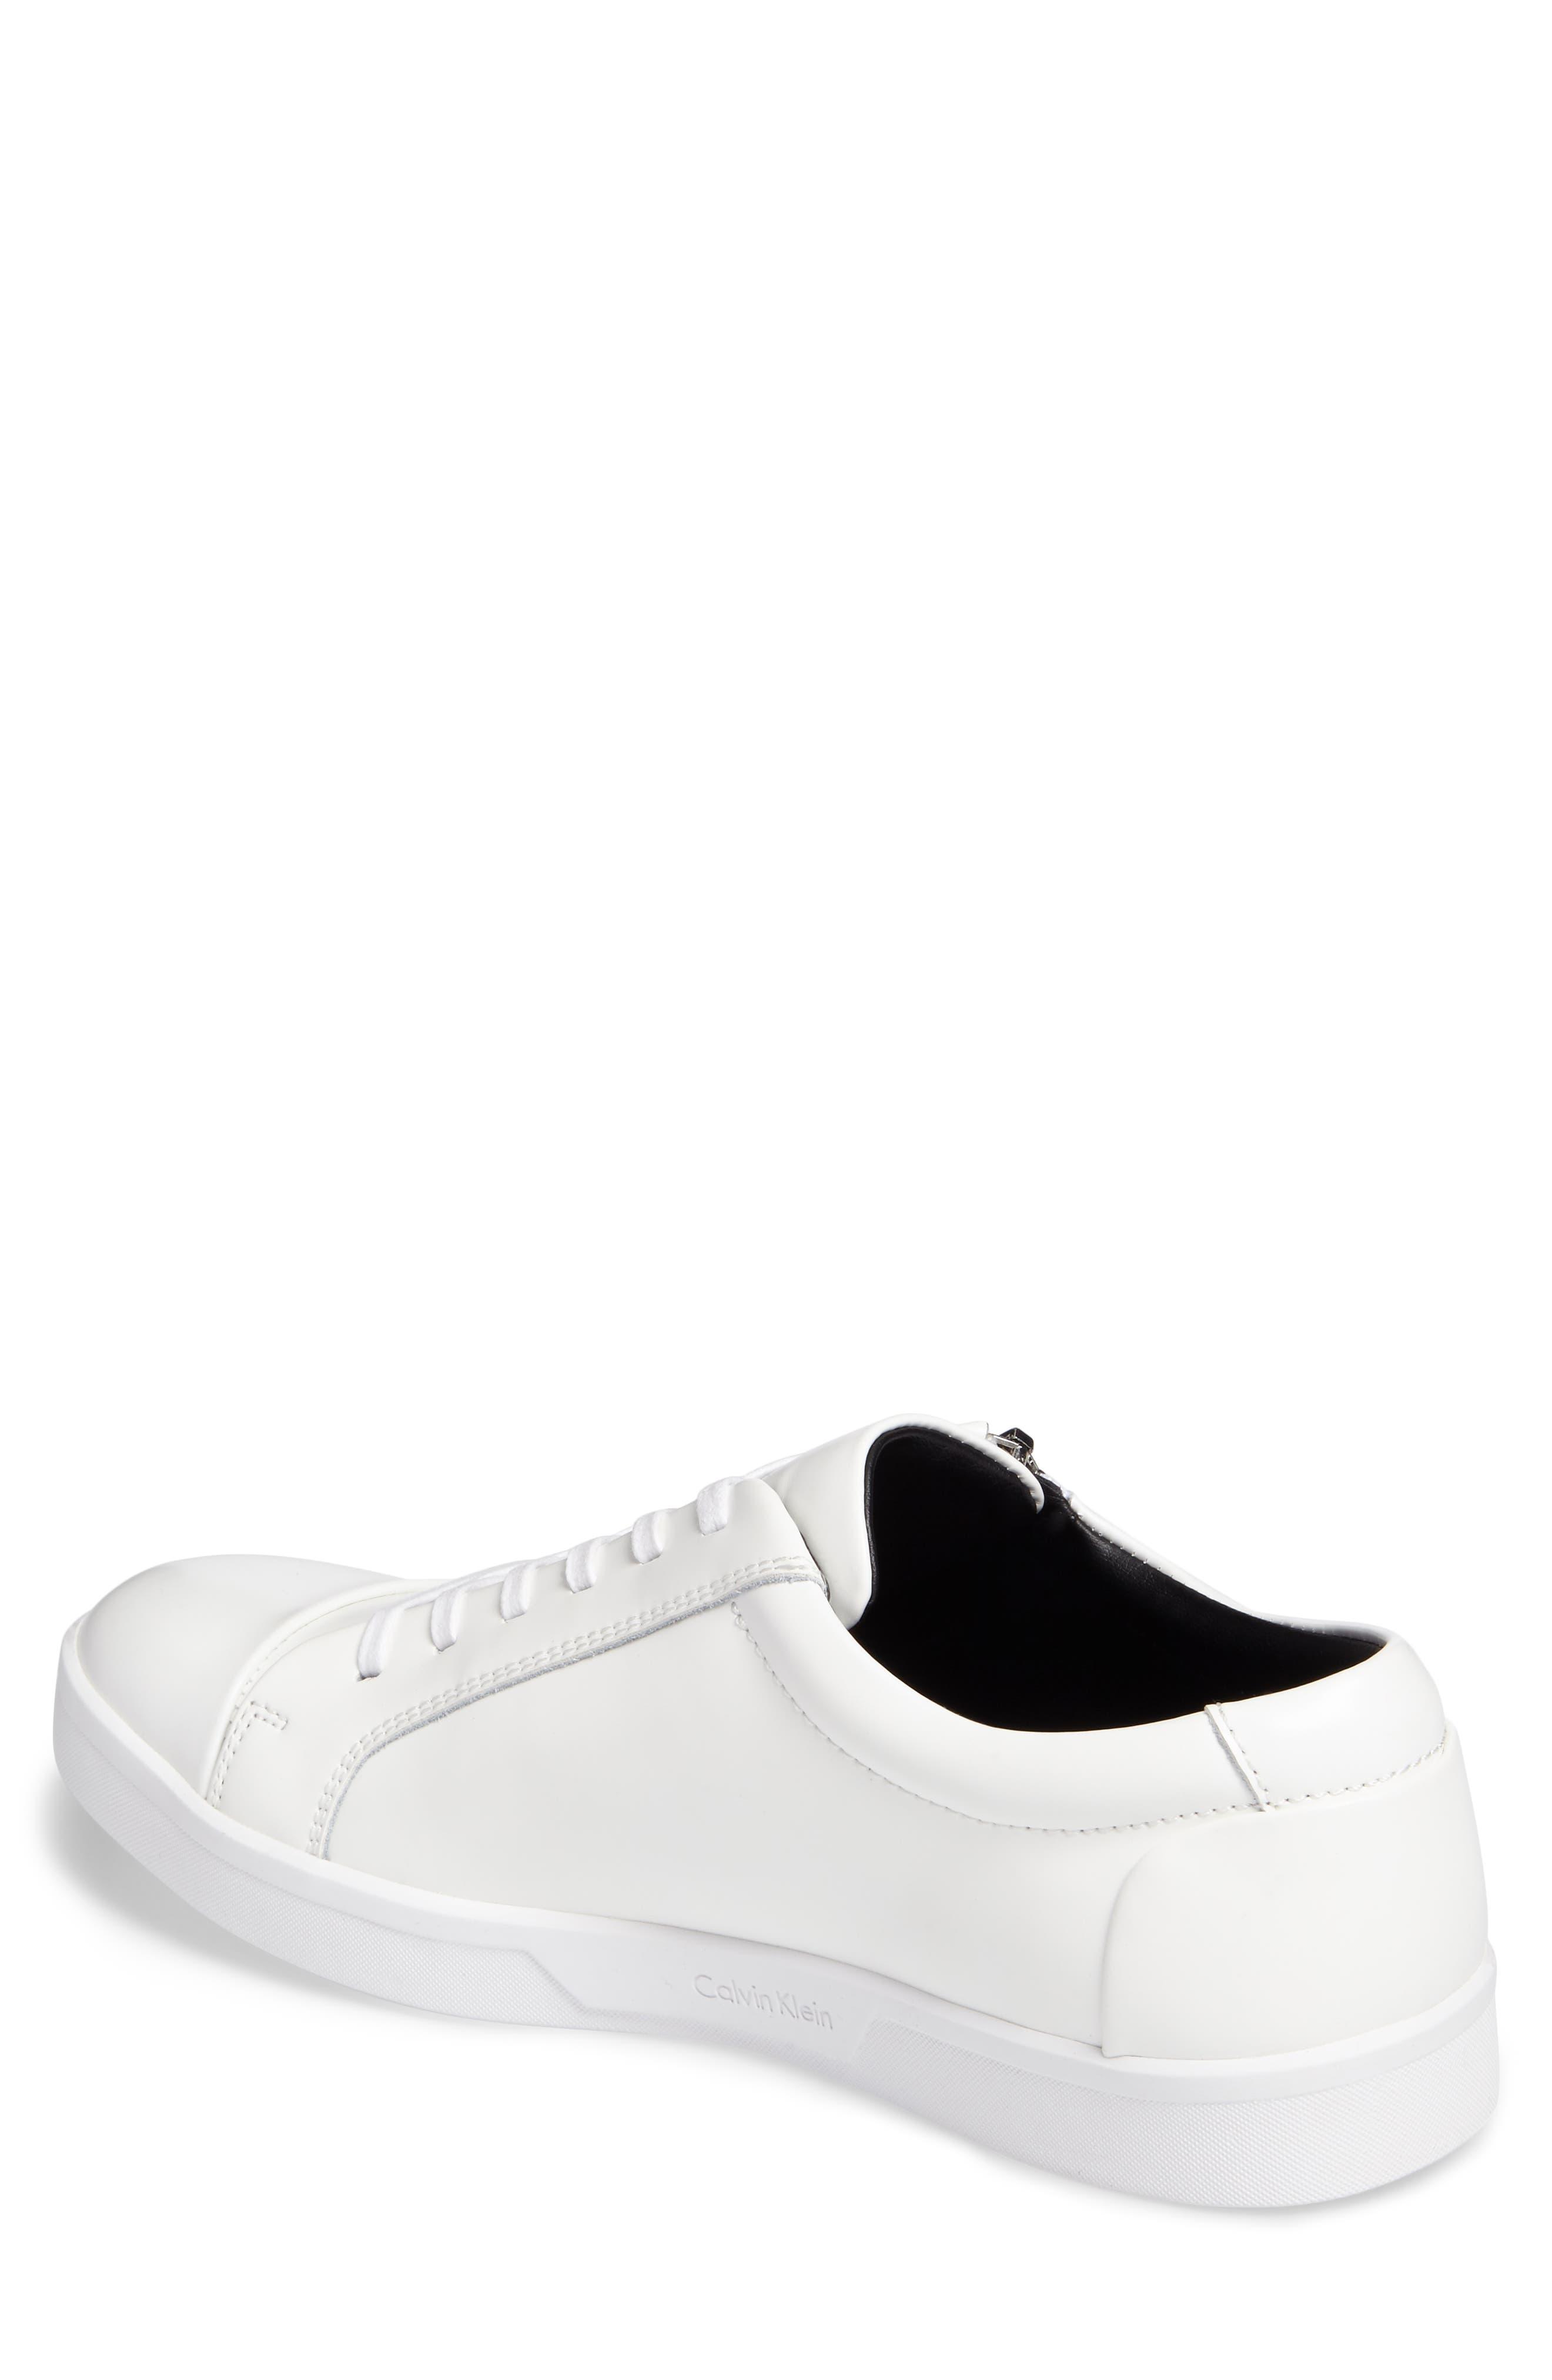 Ibrahim Cap-Toe Zip Sneaker,                             Alternate thumbnail 5, color,